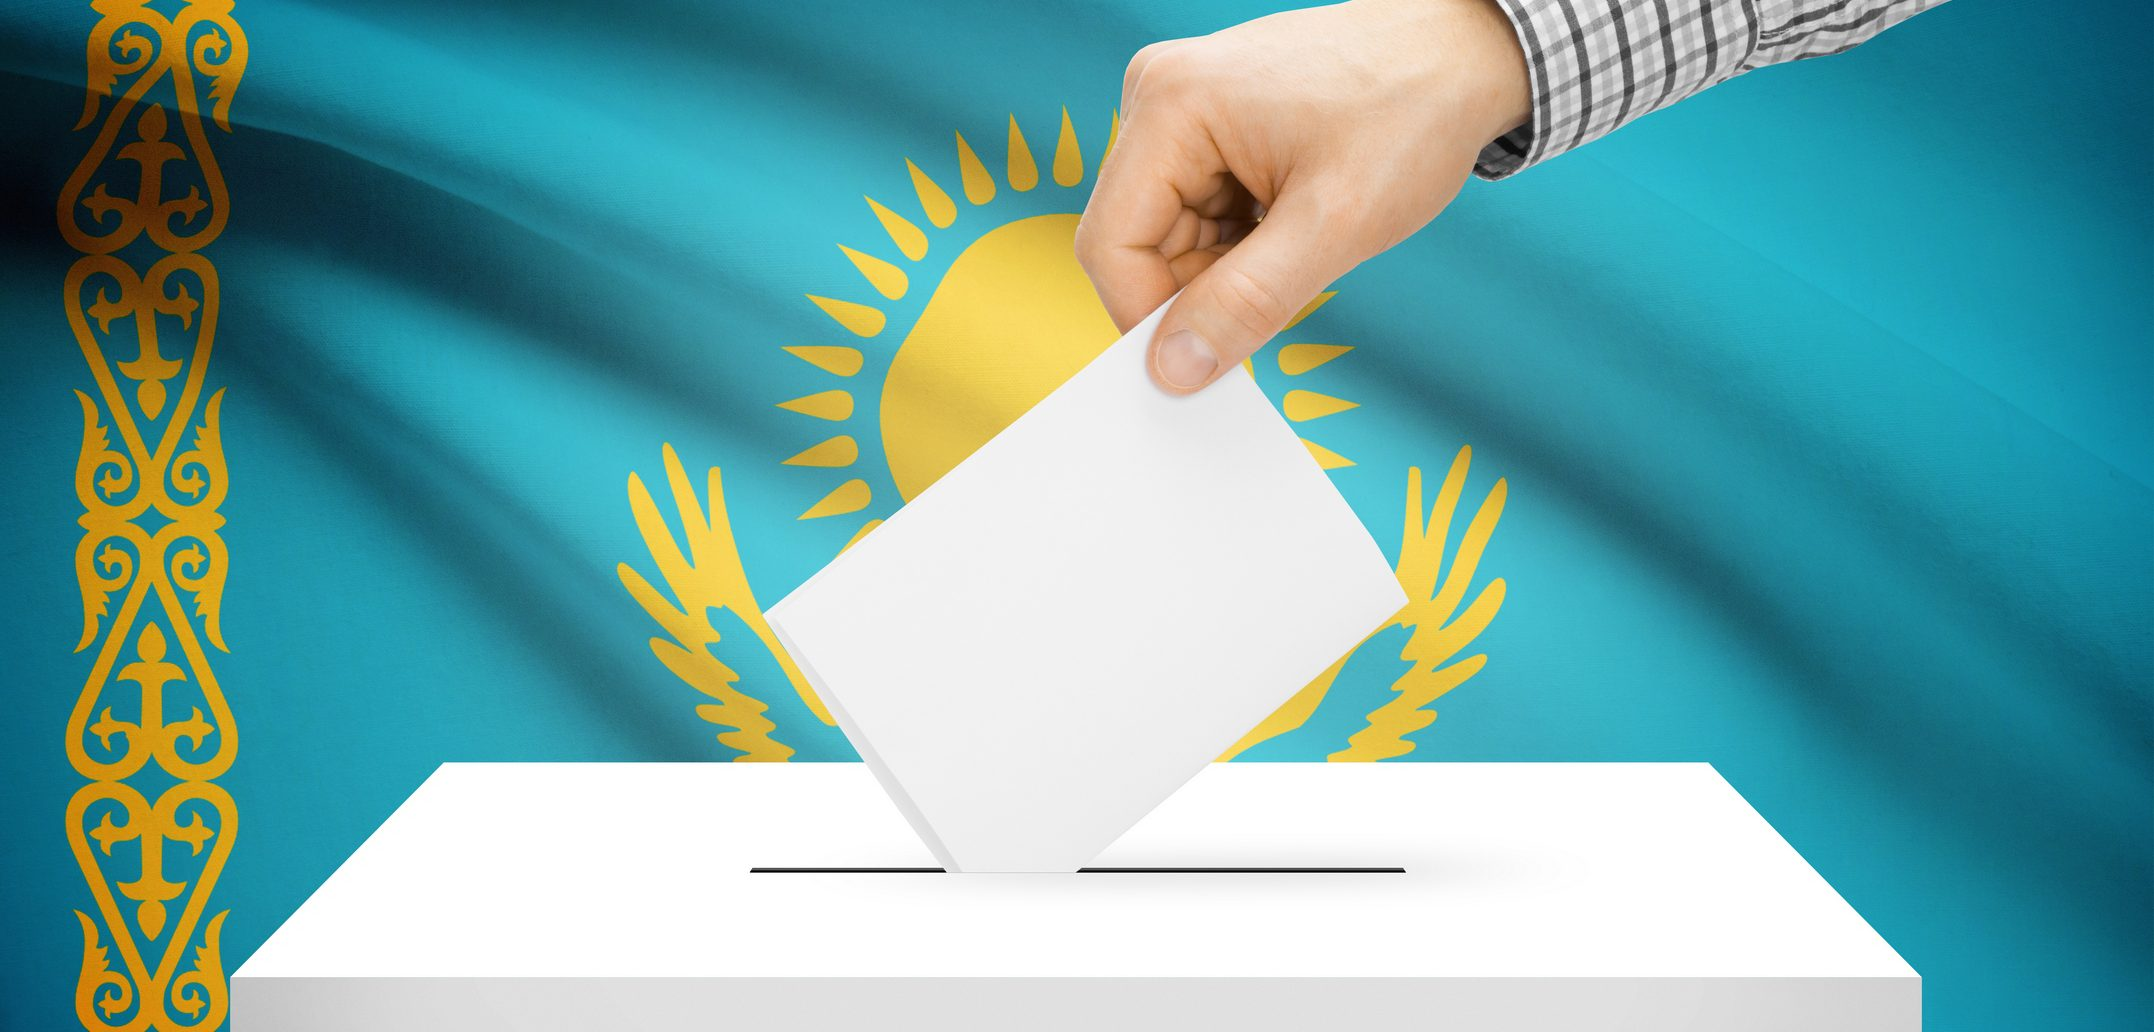 Токаев высказал уверенность, что избранные сельские акимы оправдают доверие народа